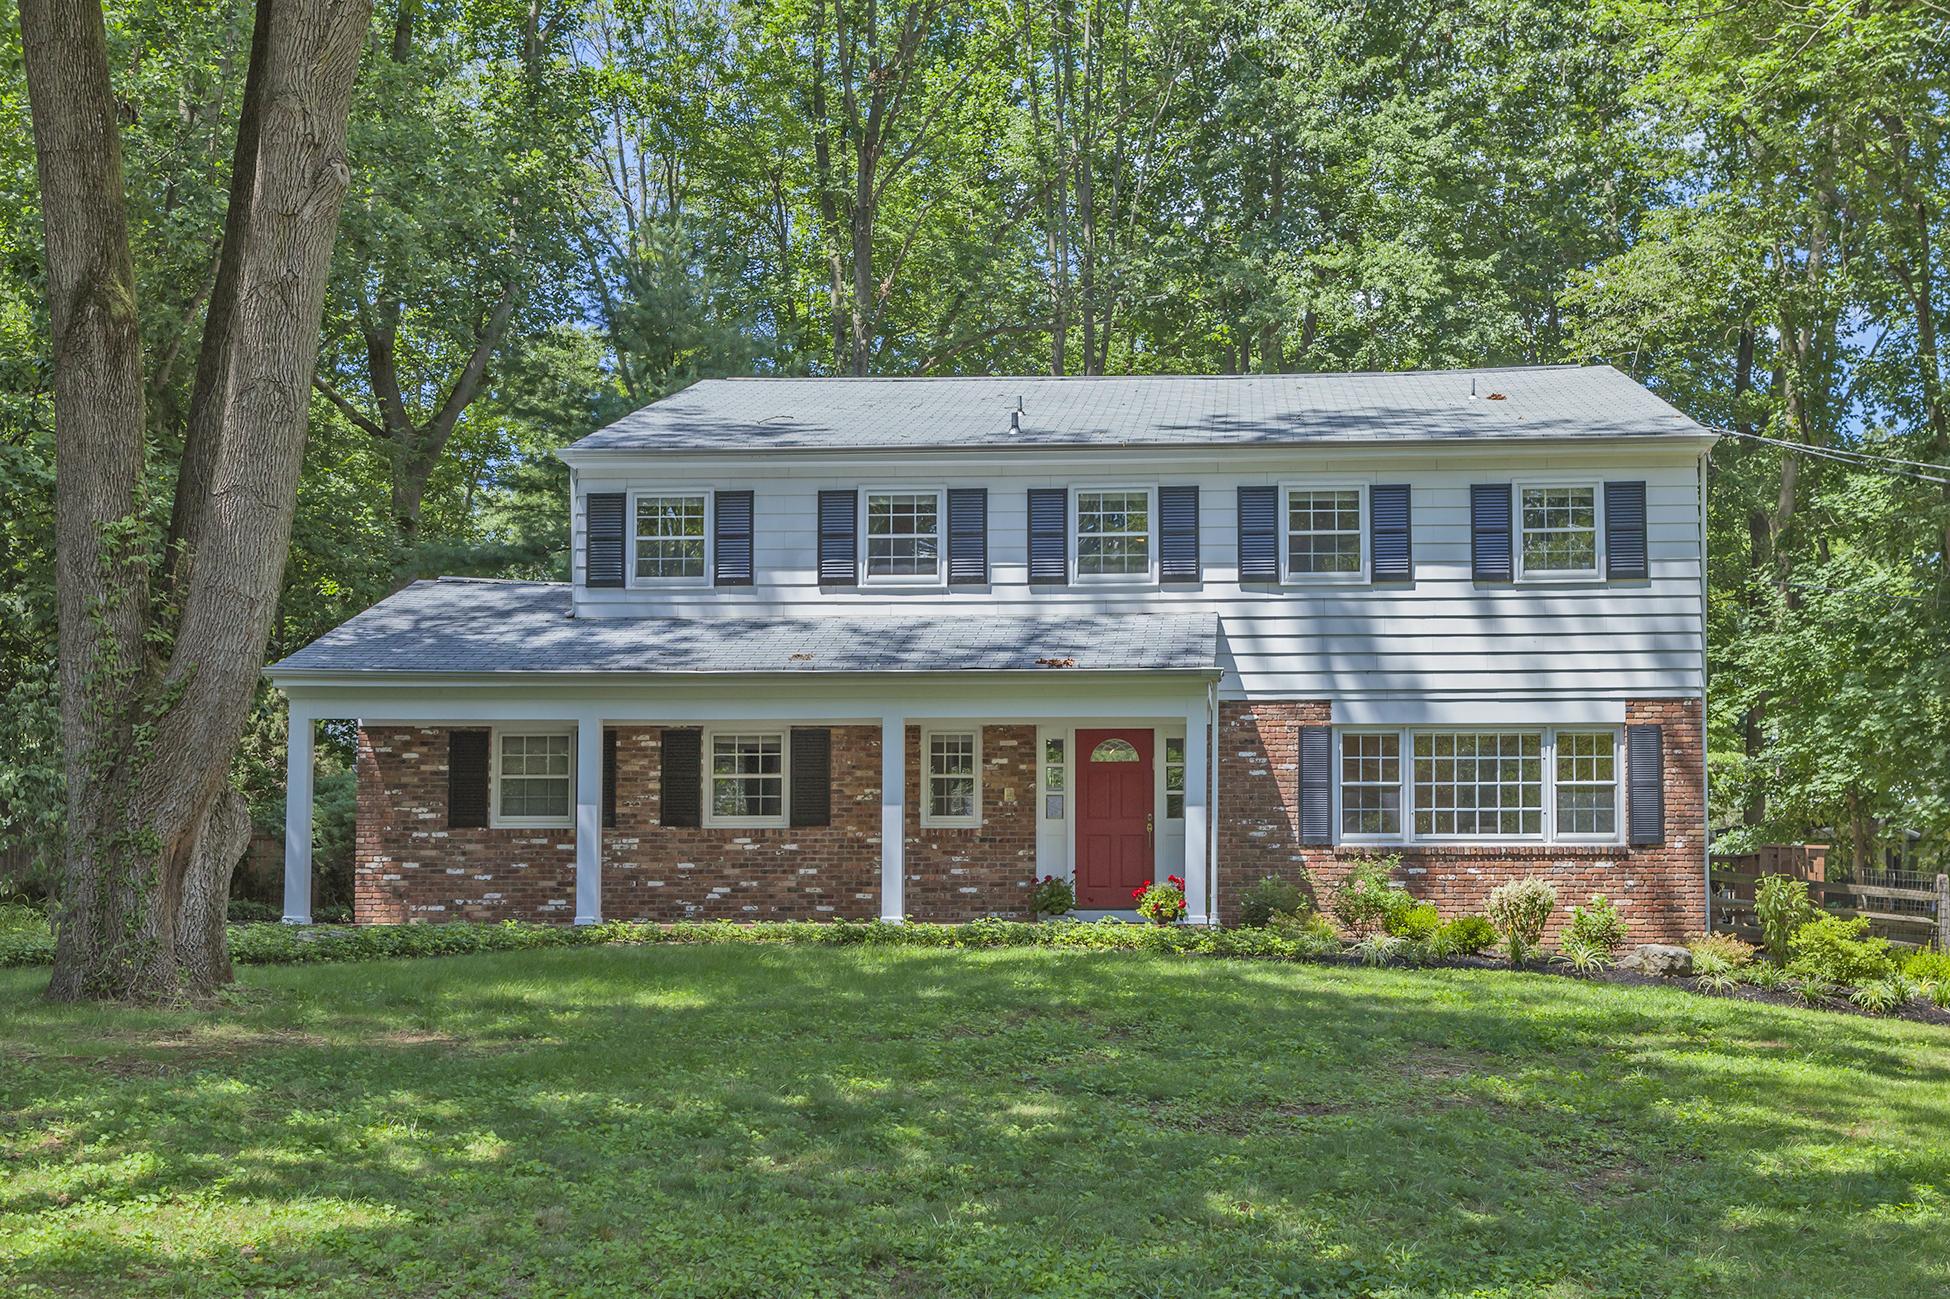 Maison unifamiliale pour l Vente à Peace, Quiet and Soothing Lake Views in Riverside 146 Philip Drive Princeton, New Jersey 08540 États-Unis